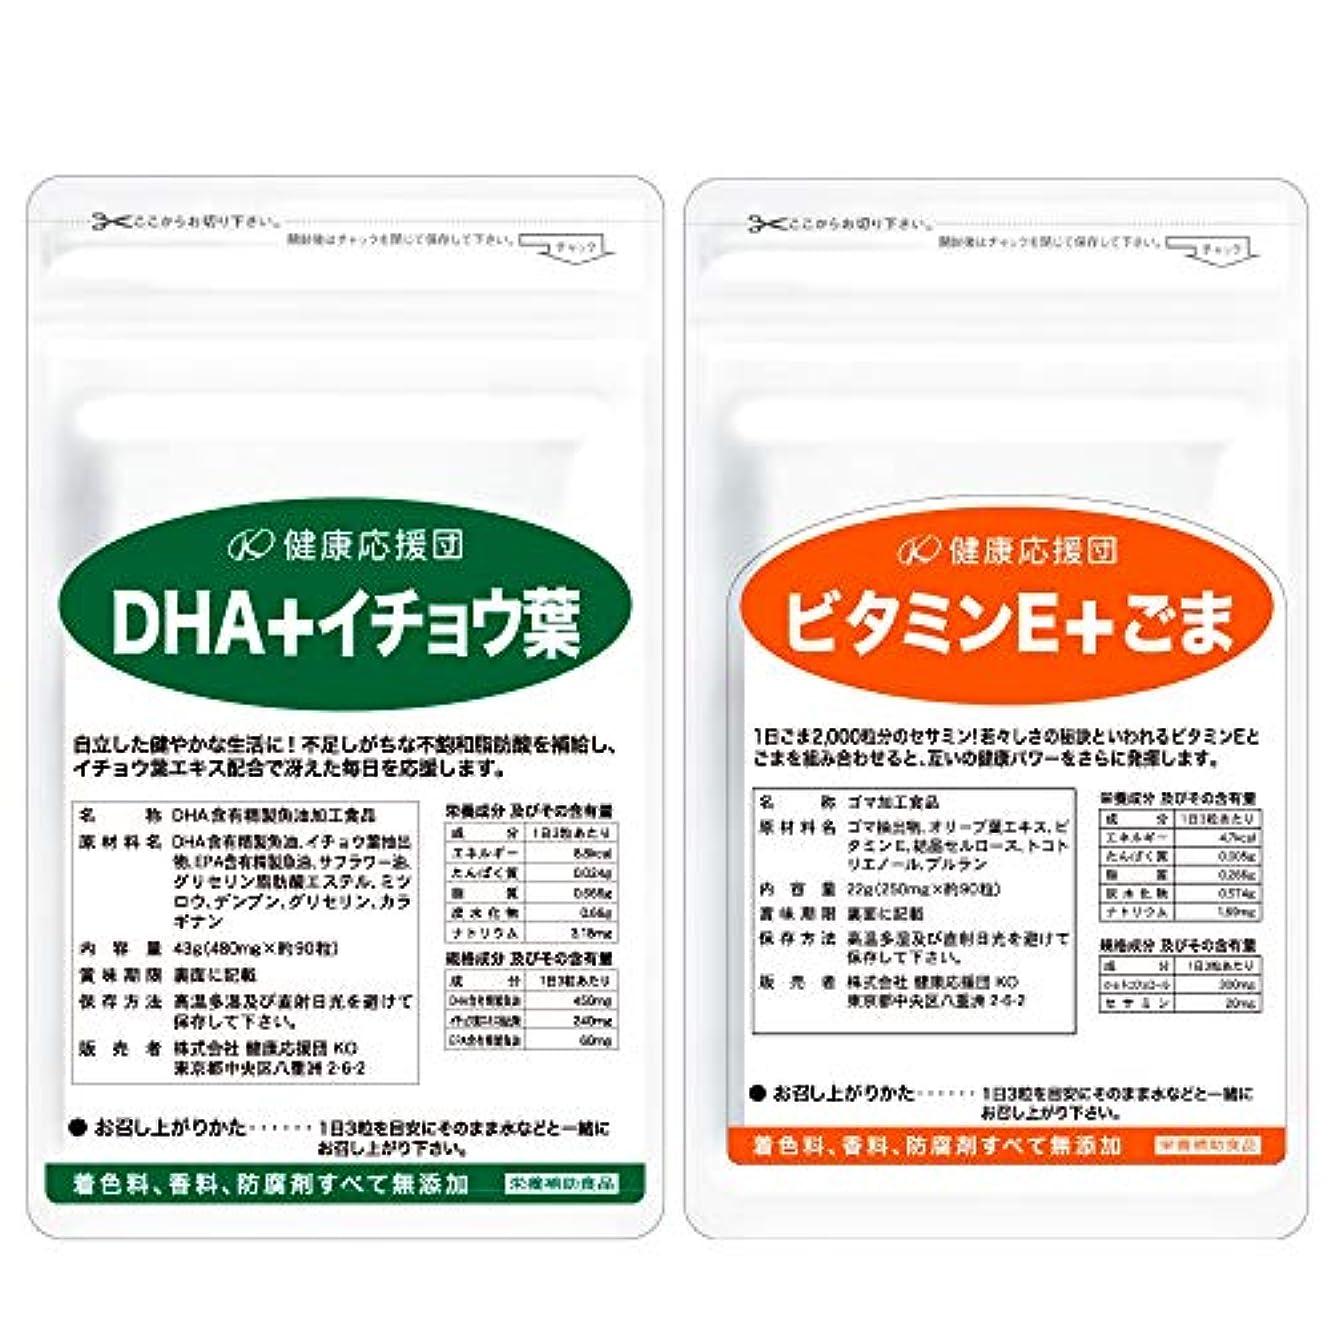 罹患率靴不十分な(お徳用3か月分)毎日元気セット(ビタミンE+ごま)+(DHA+イチョウ葉エキス) 3袋&3袋セット(DHA?EPA?ビタミンE?セサミン)